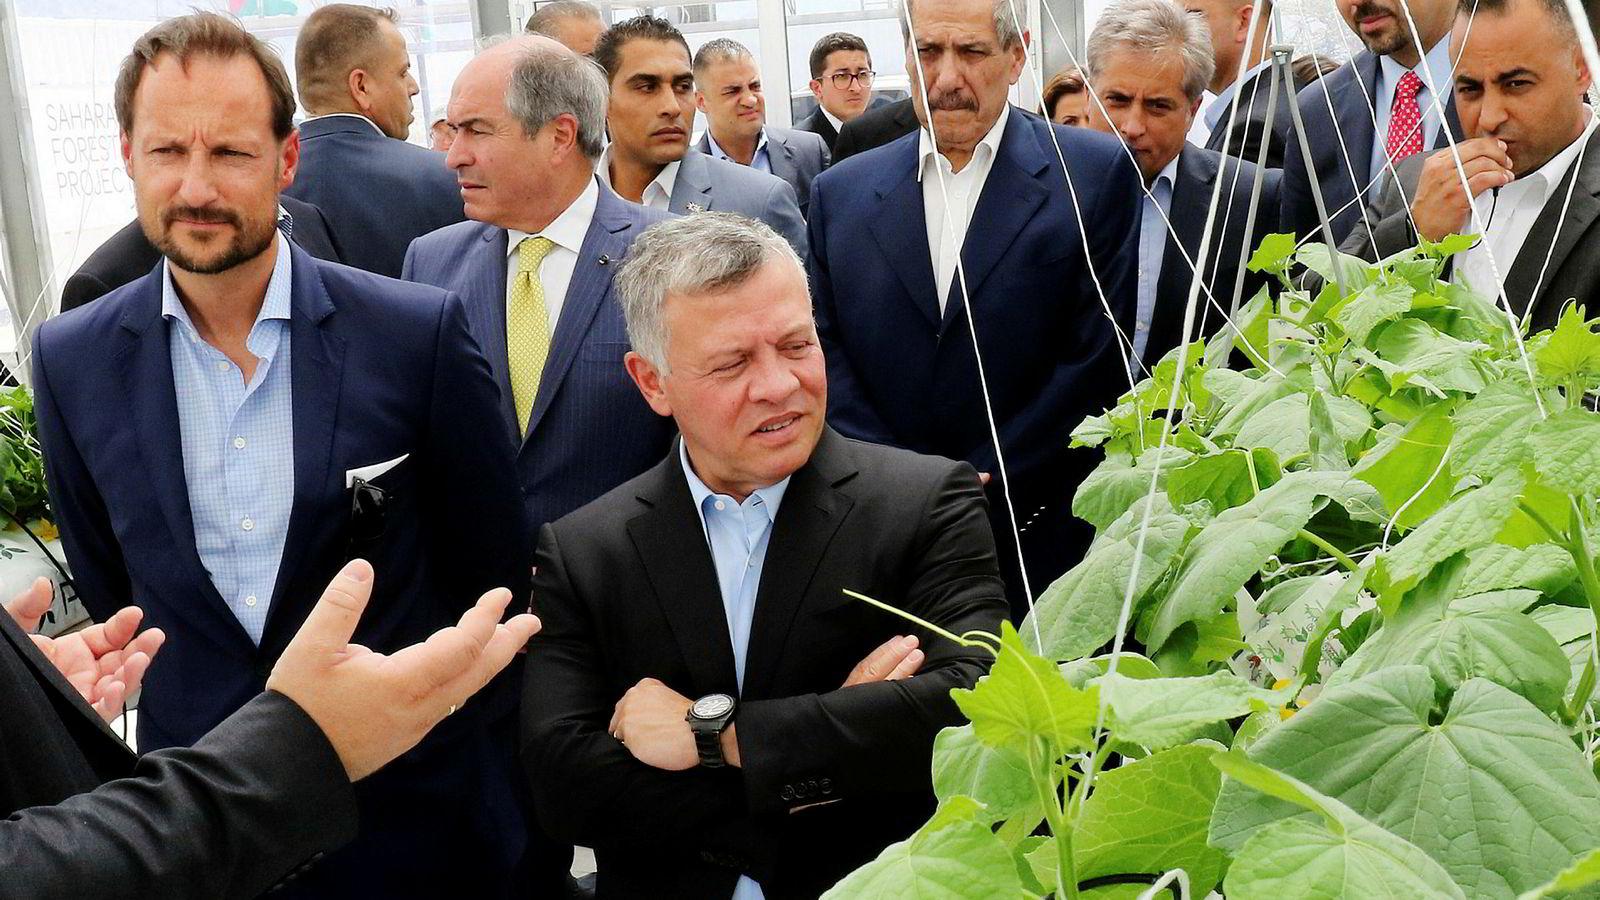 Kronprins Haakon og Jordans Kong Abdullah var med på å åpne demoanlegget stiftelsen Sahara Forest Project startet i Jordan i fjor. Det relaterte aksjeselskapet sliter tungt.